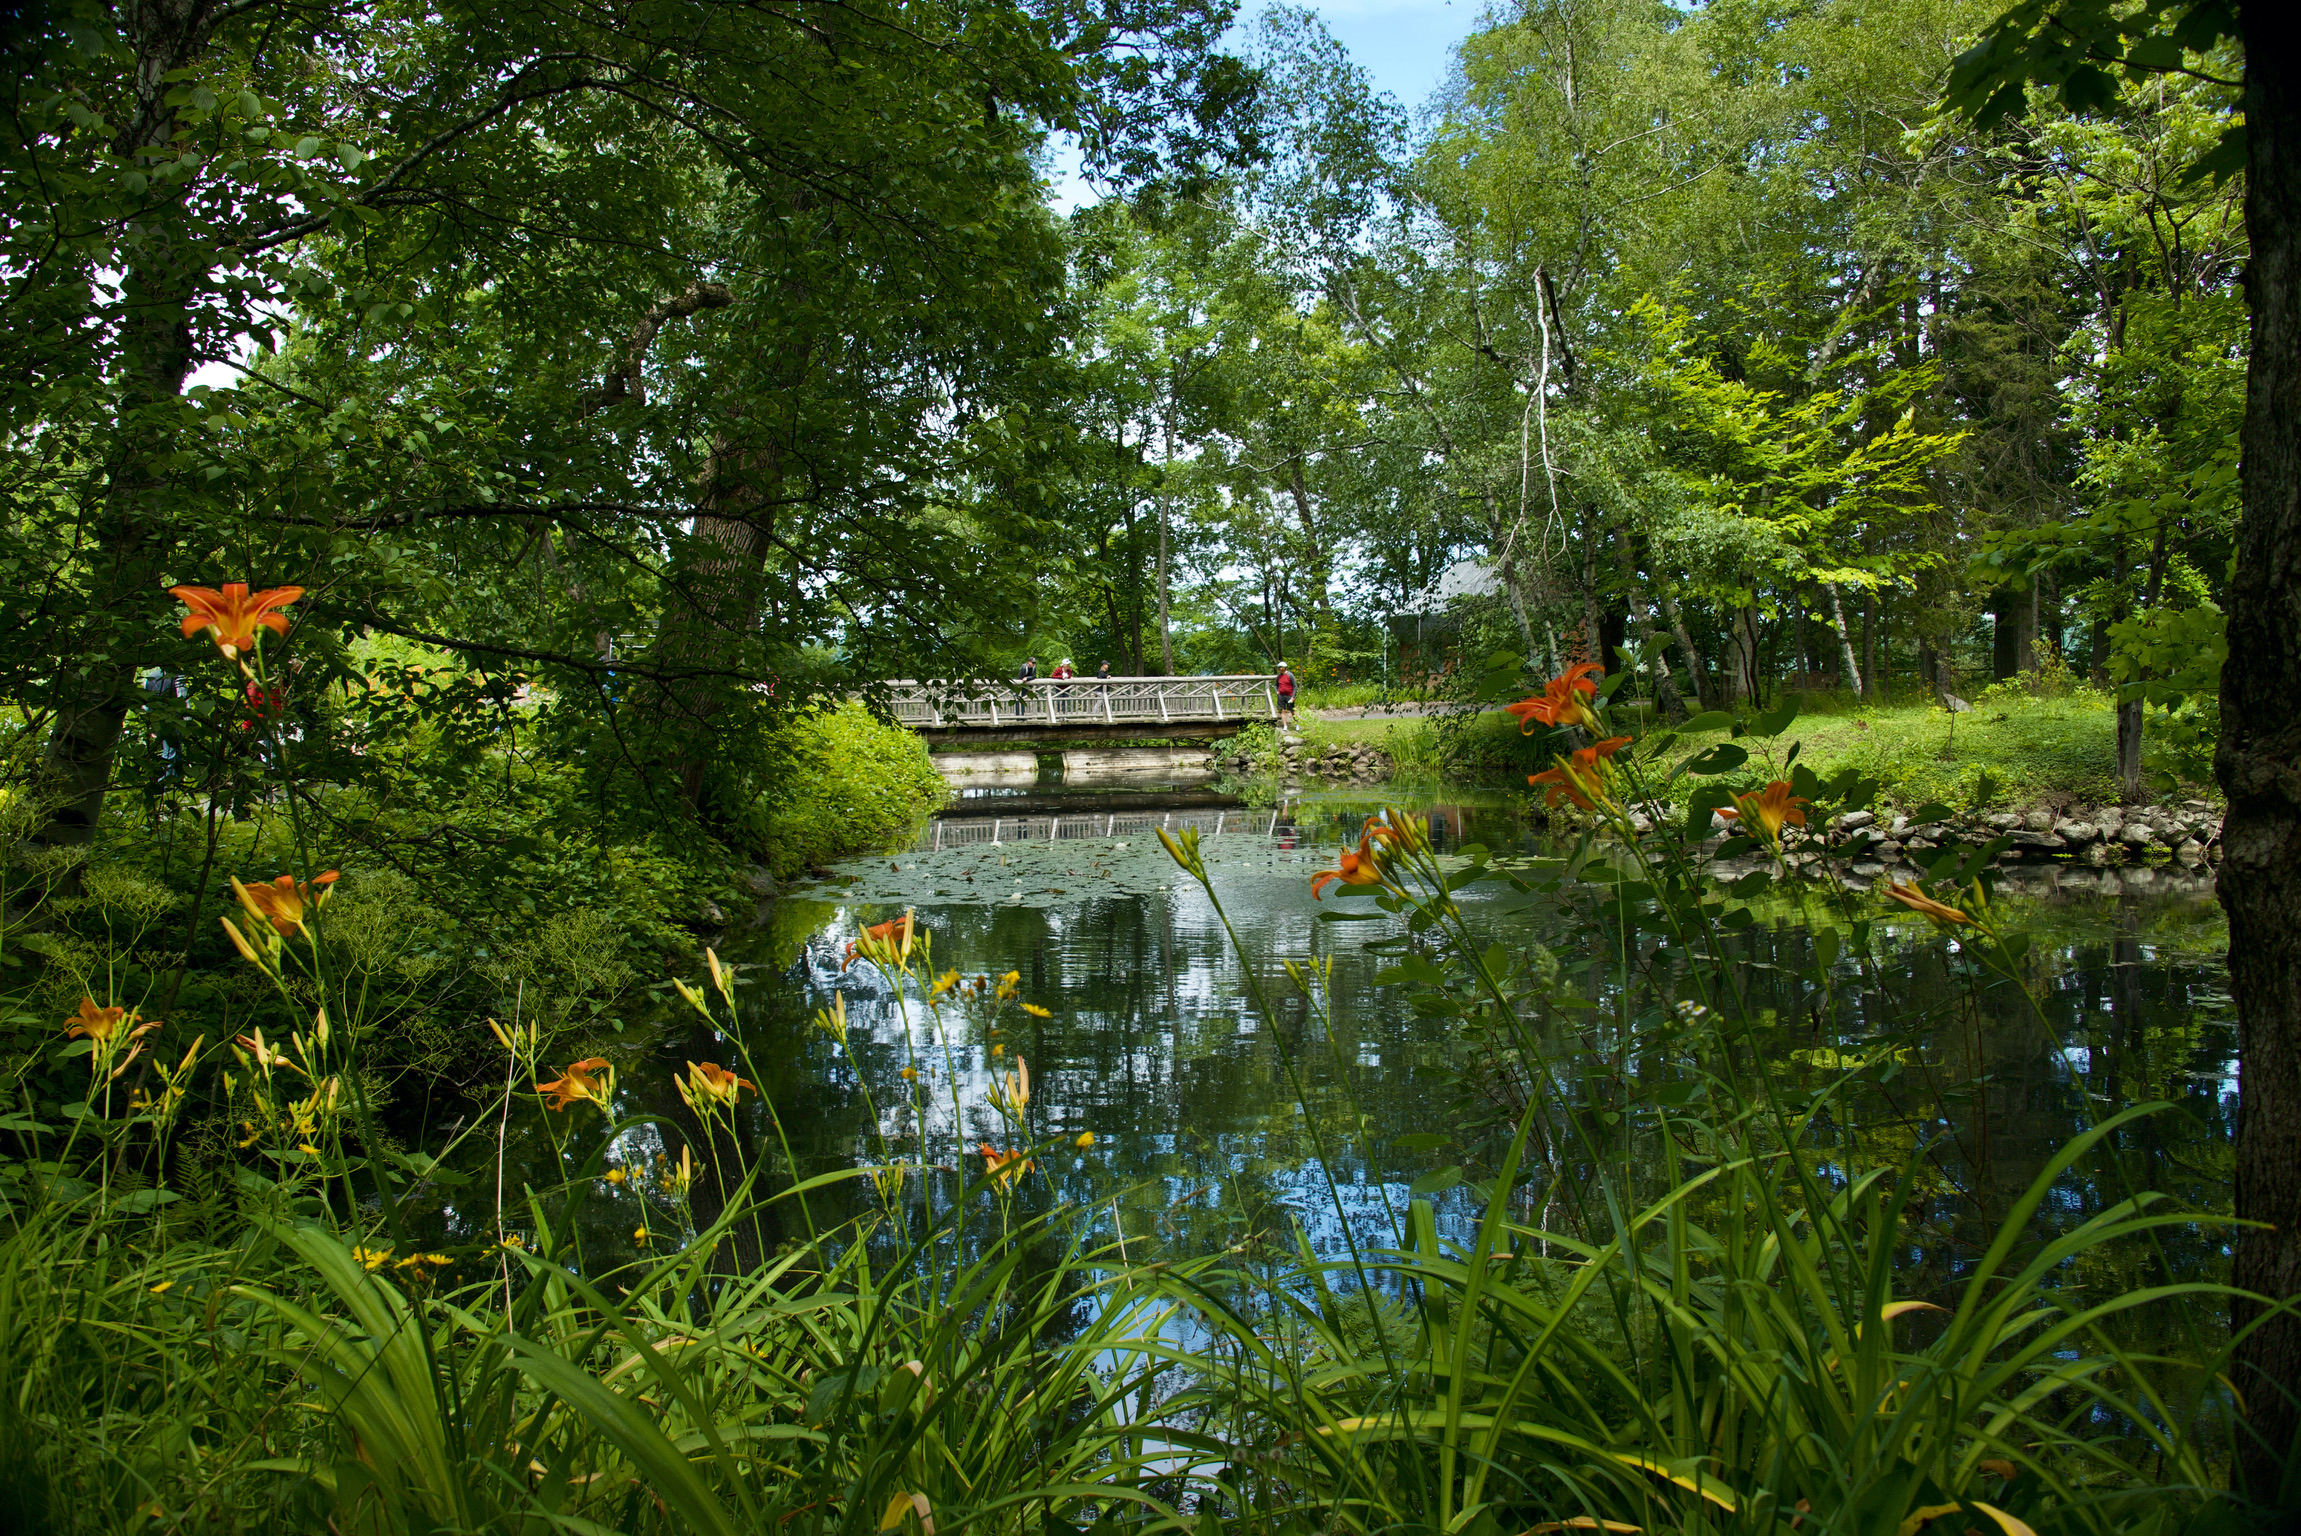 Dream garden for you, bridge reflection...